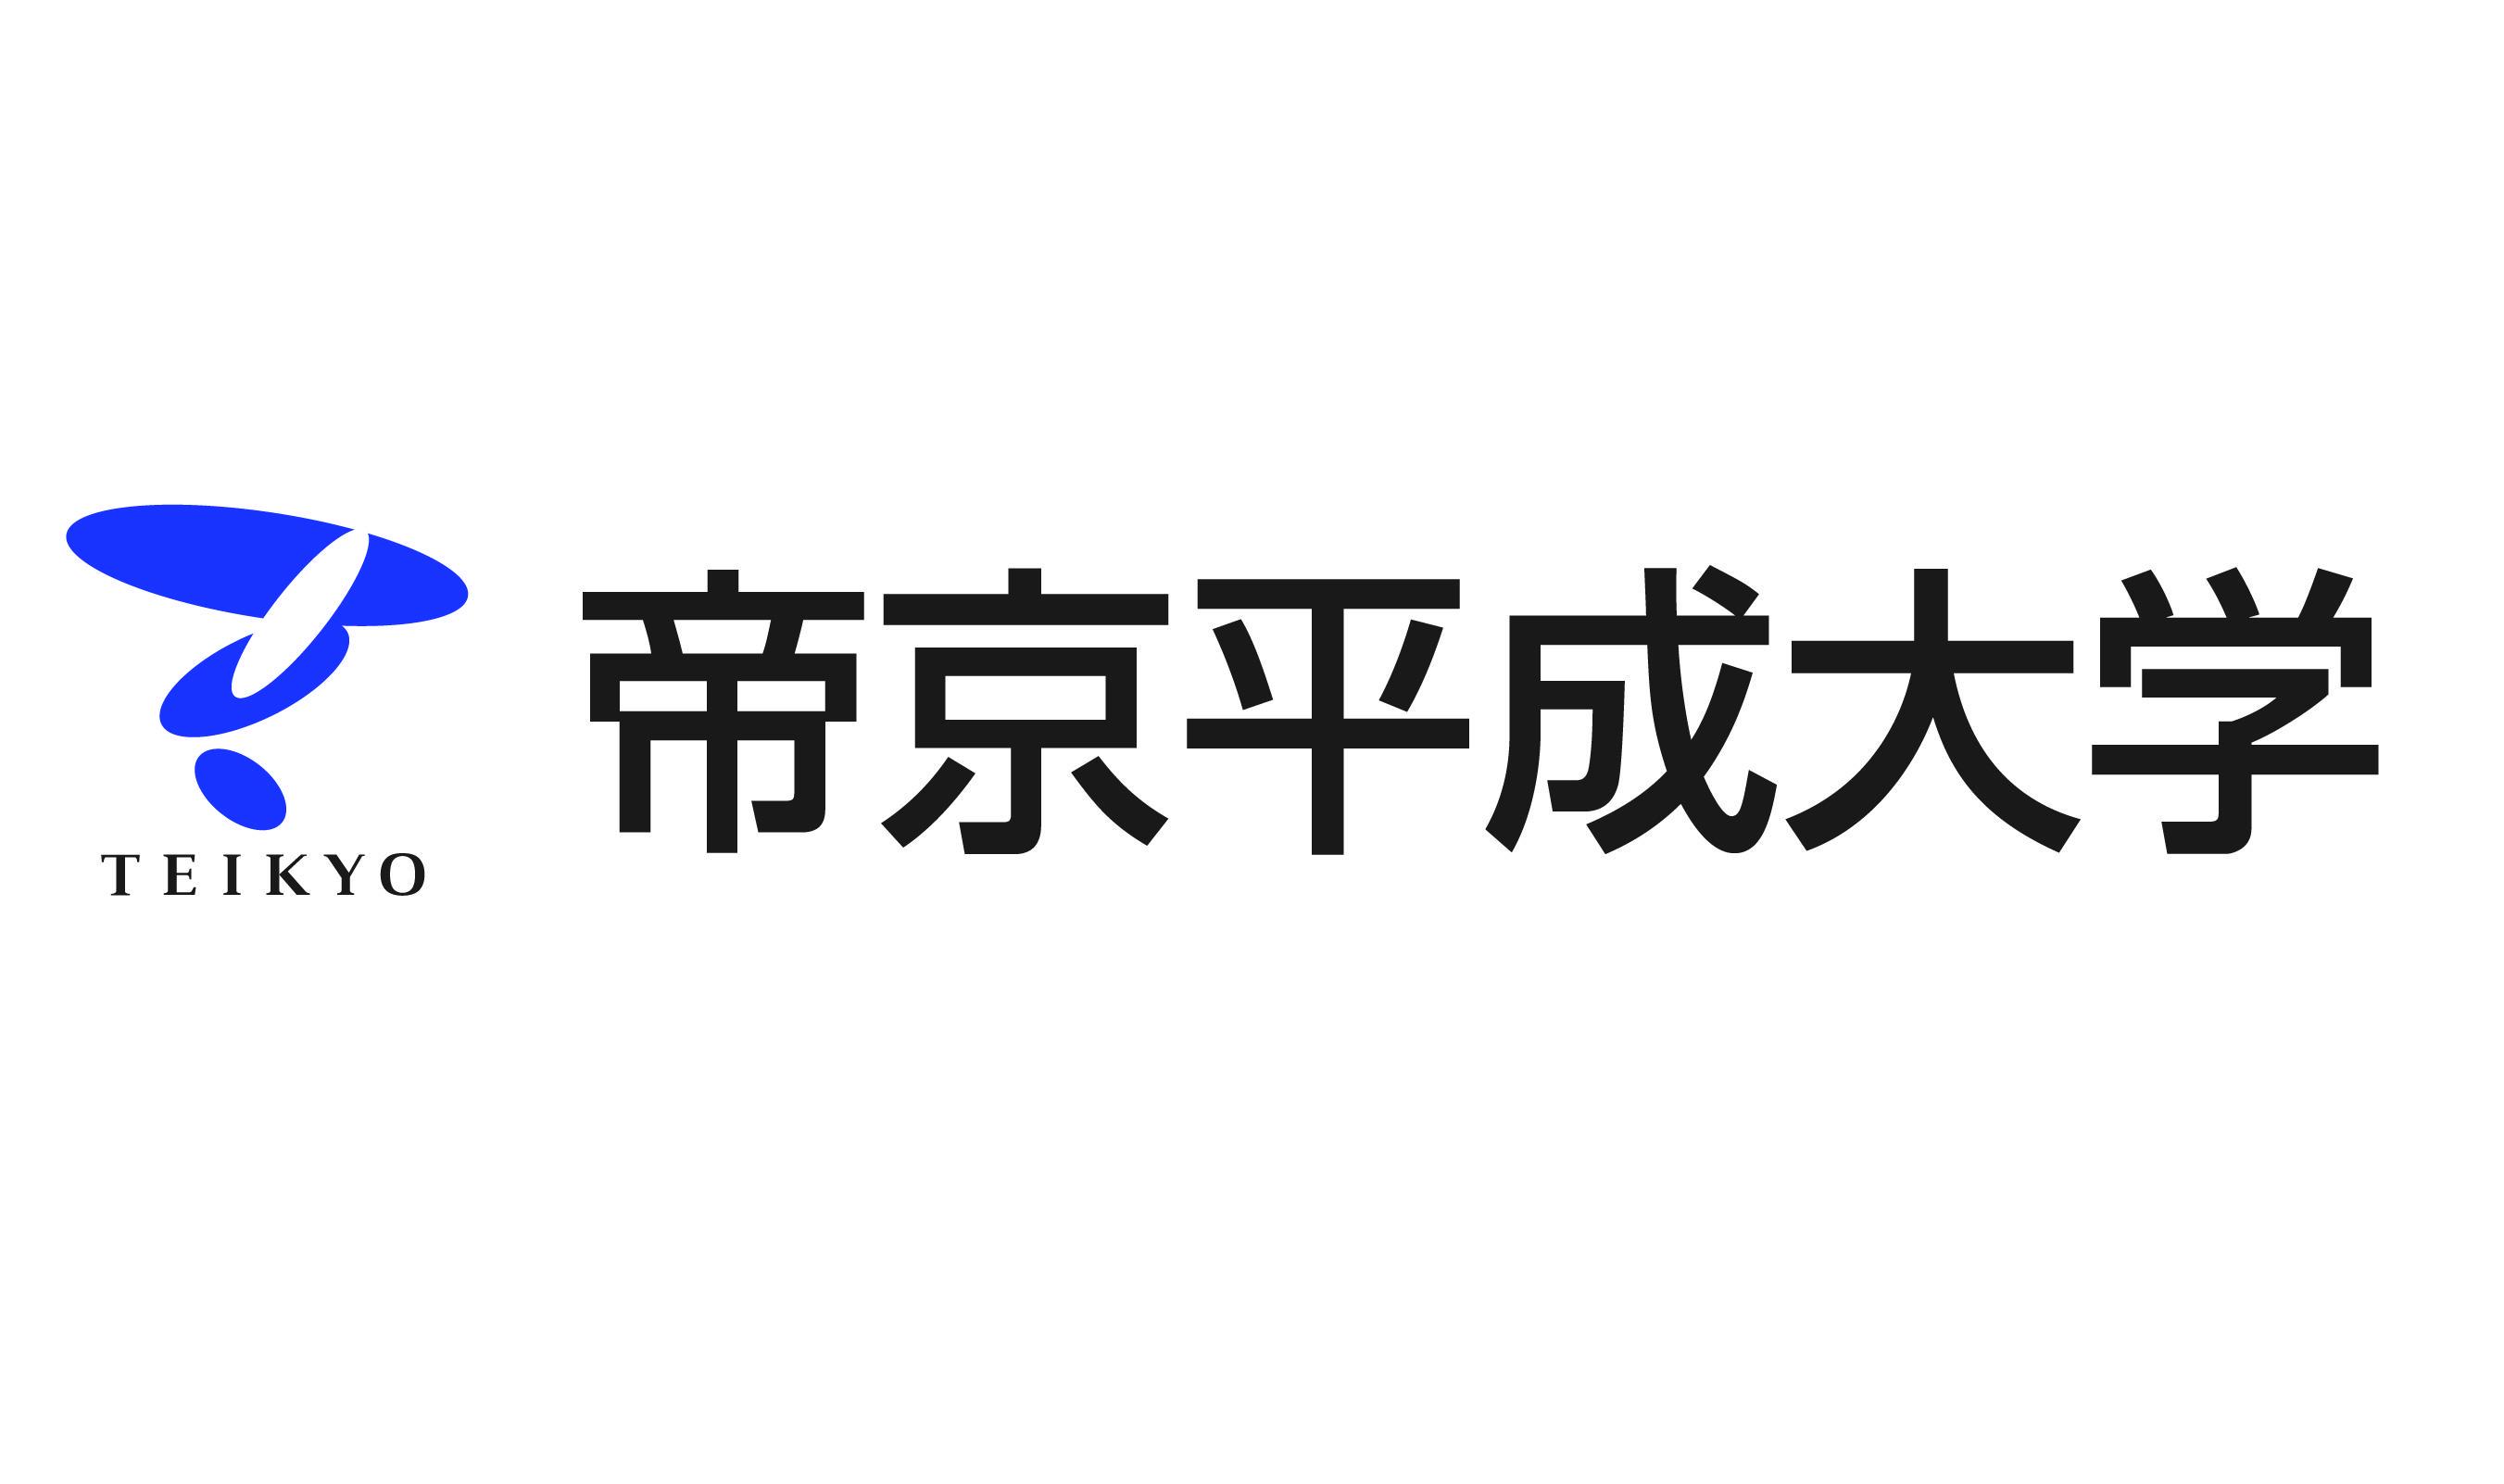 横浜DeNAベイスターズの2018年シーズン公式戦で冠試合「帝京平成大学デー」を開催!! -- 帝京平成大学